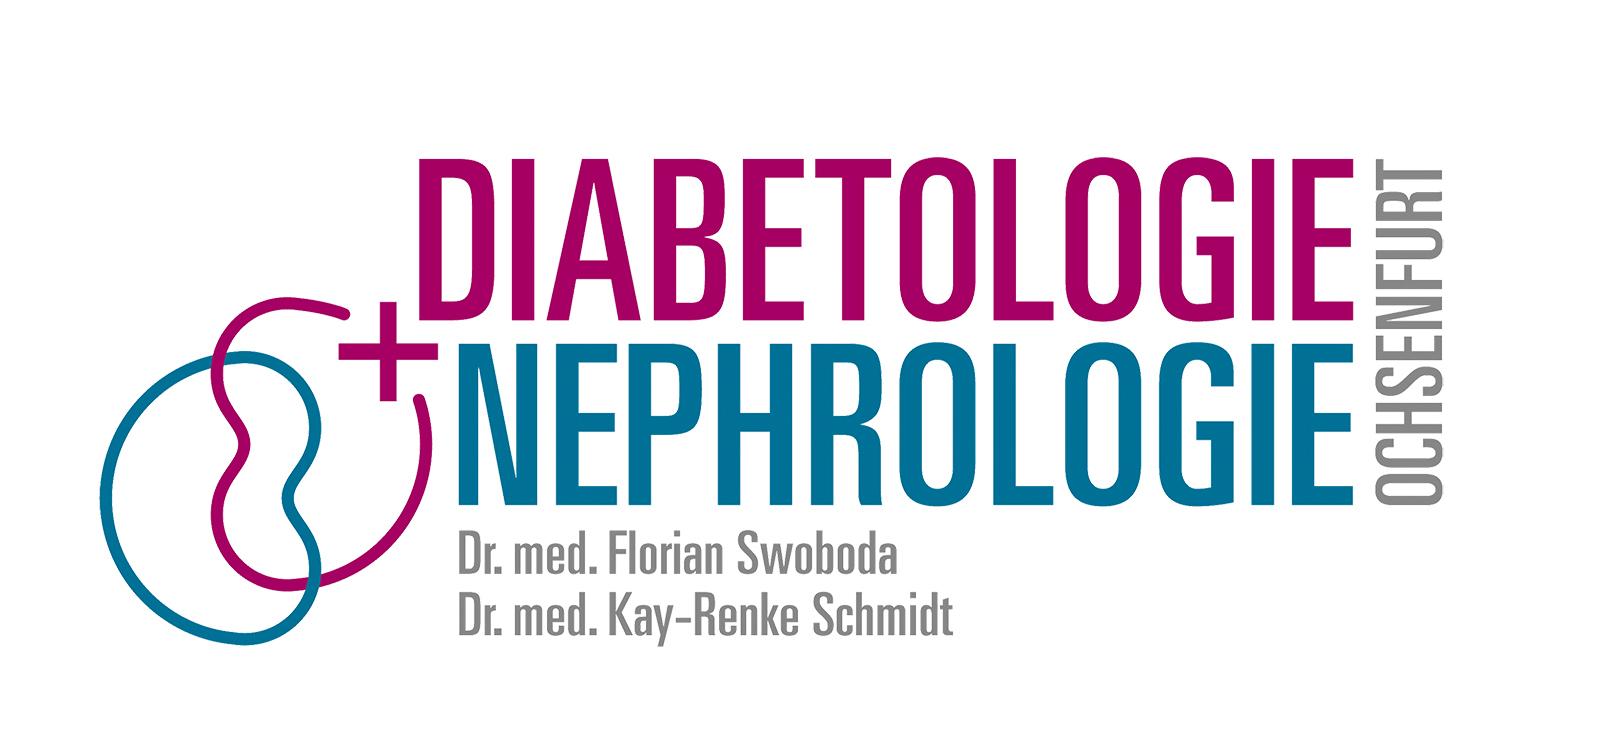 Logodatei Diabetologie Nephrologie Ochsenfurt